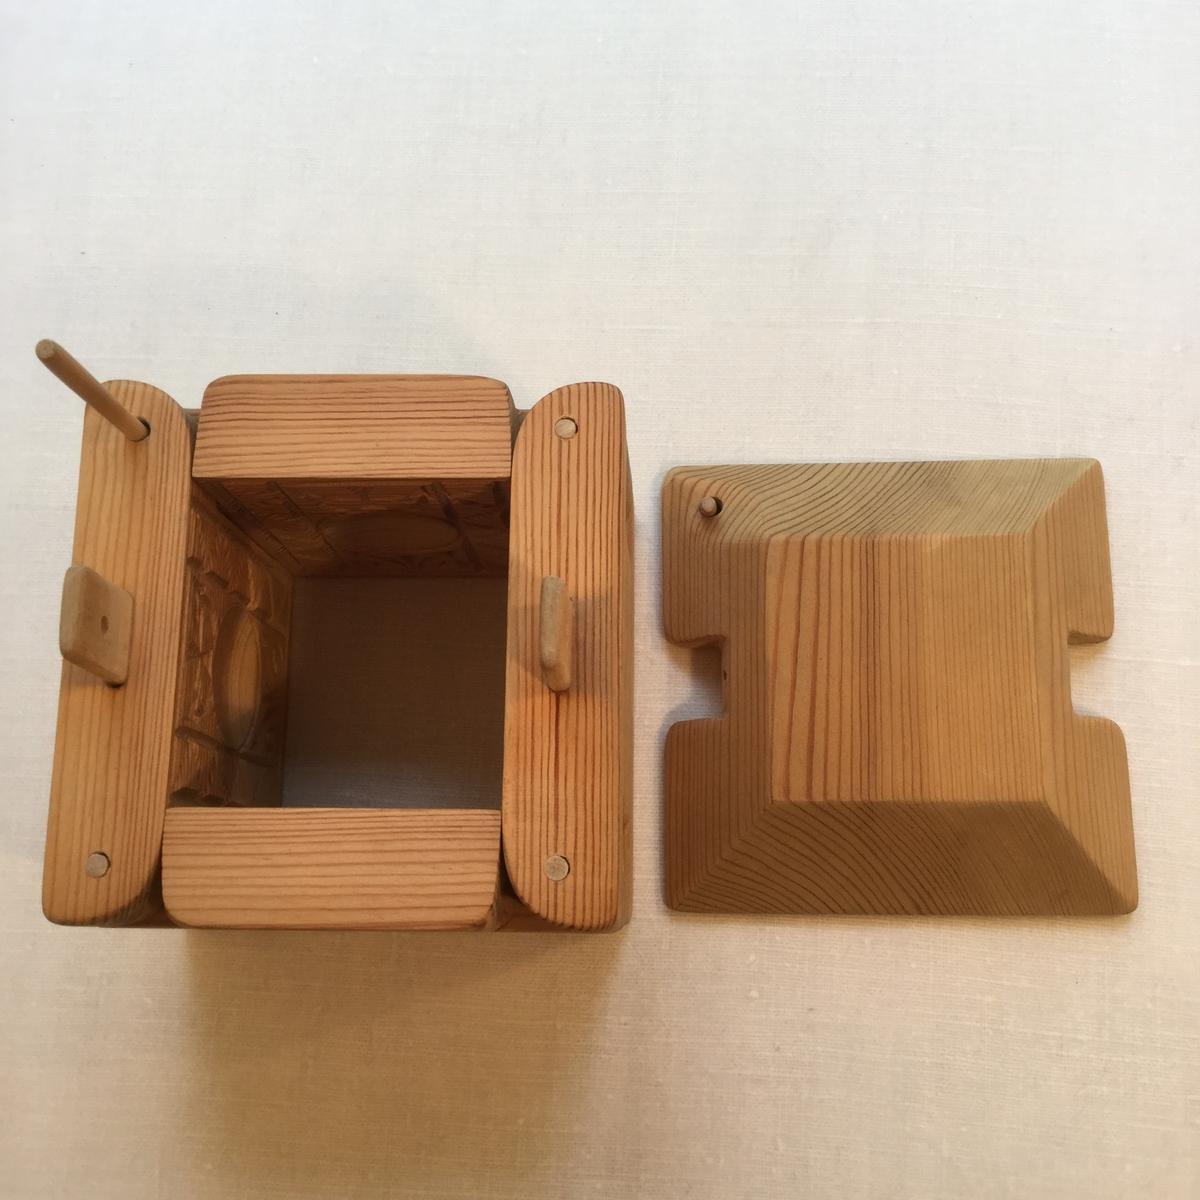 Ostform i furu med lock. Ledad konstruktion. Två delar. Läses med pinnar.